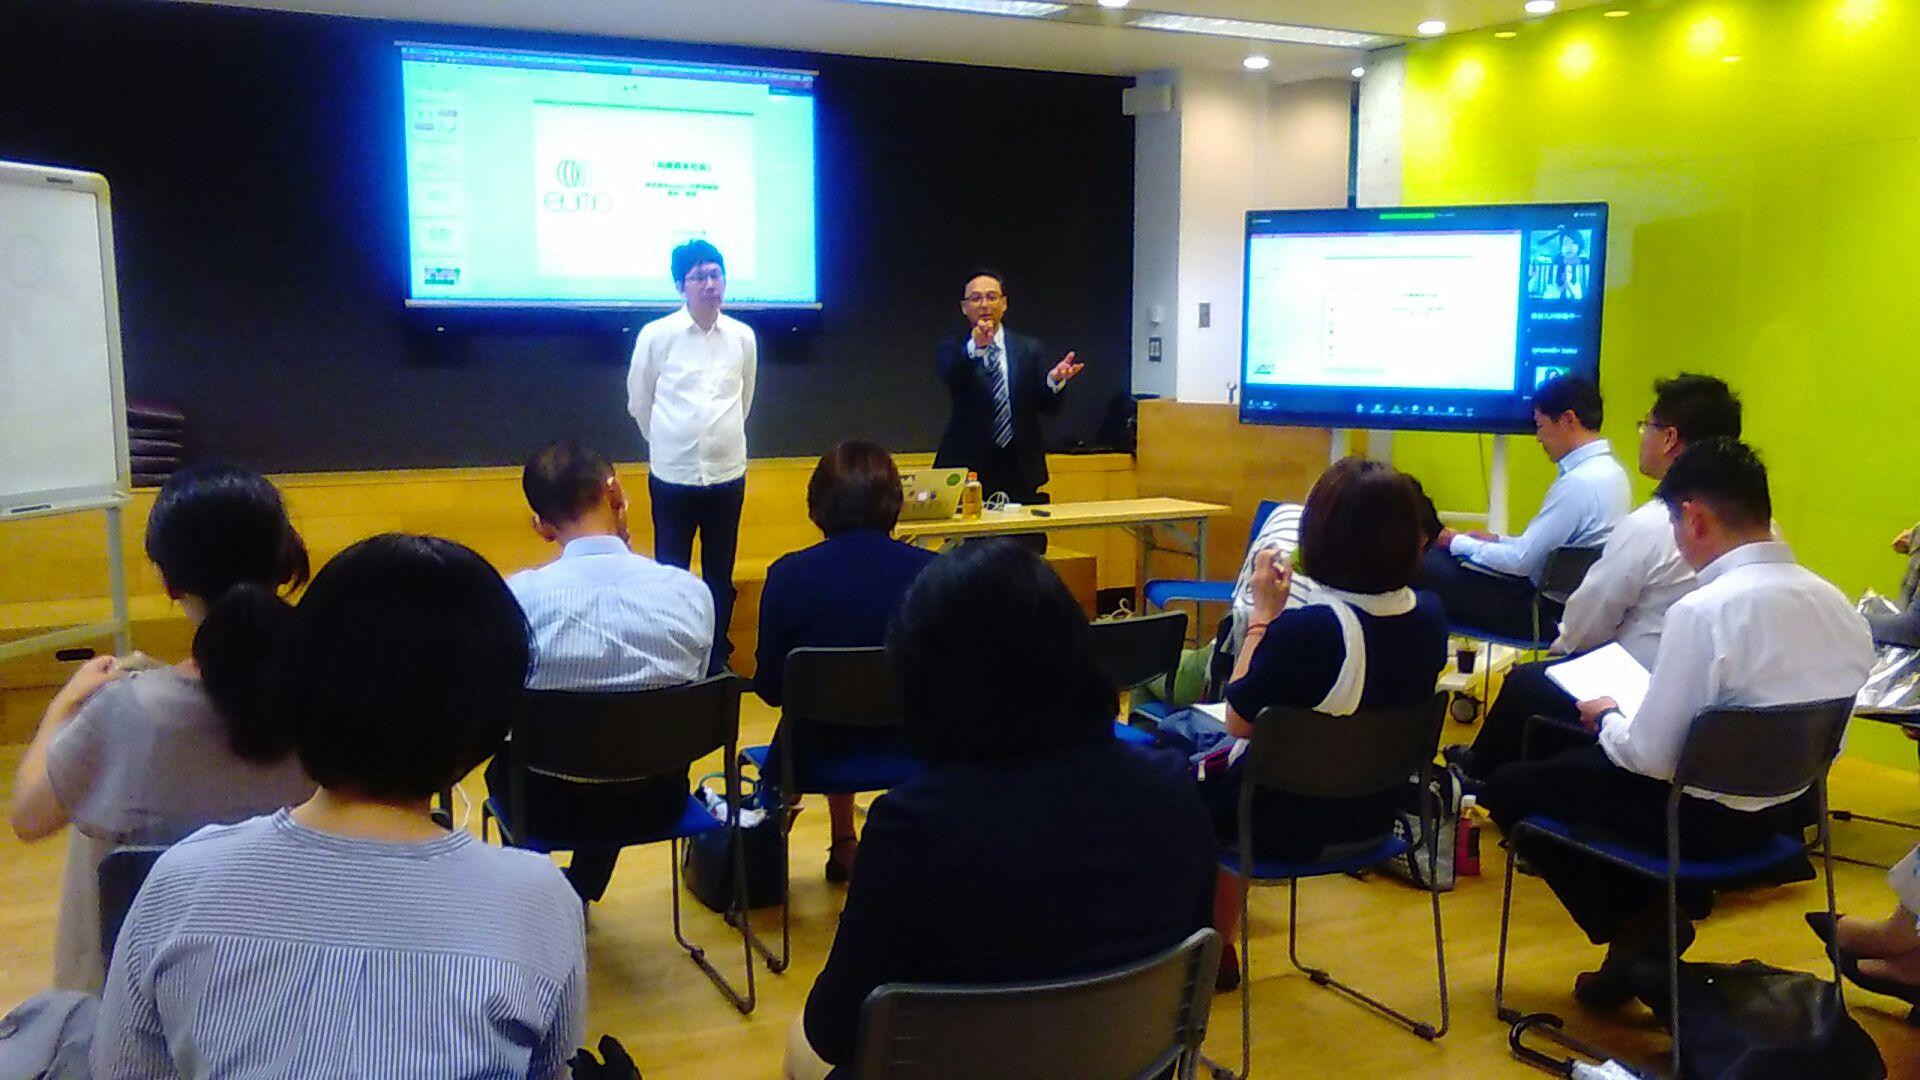 180477 - 100年続く美しい会社プロジェクト10月11日、新井和宏氏「美しい経営とは、お金を創造する」